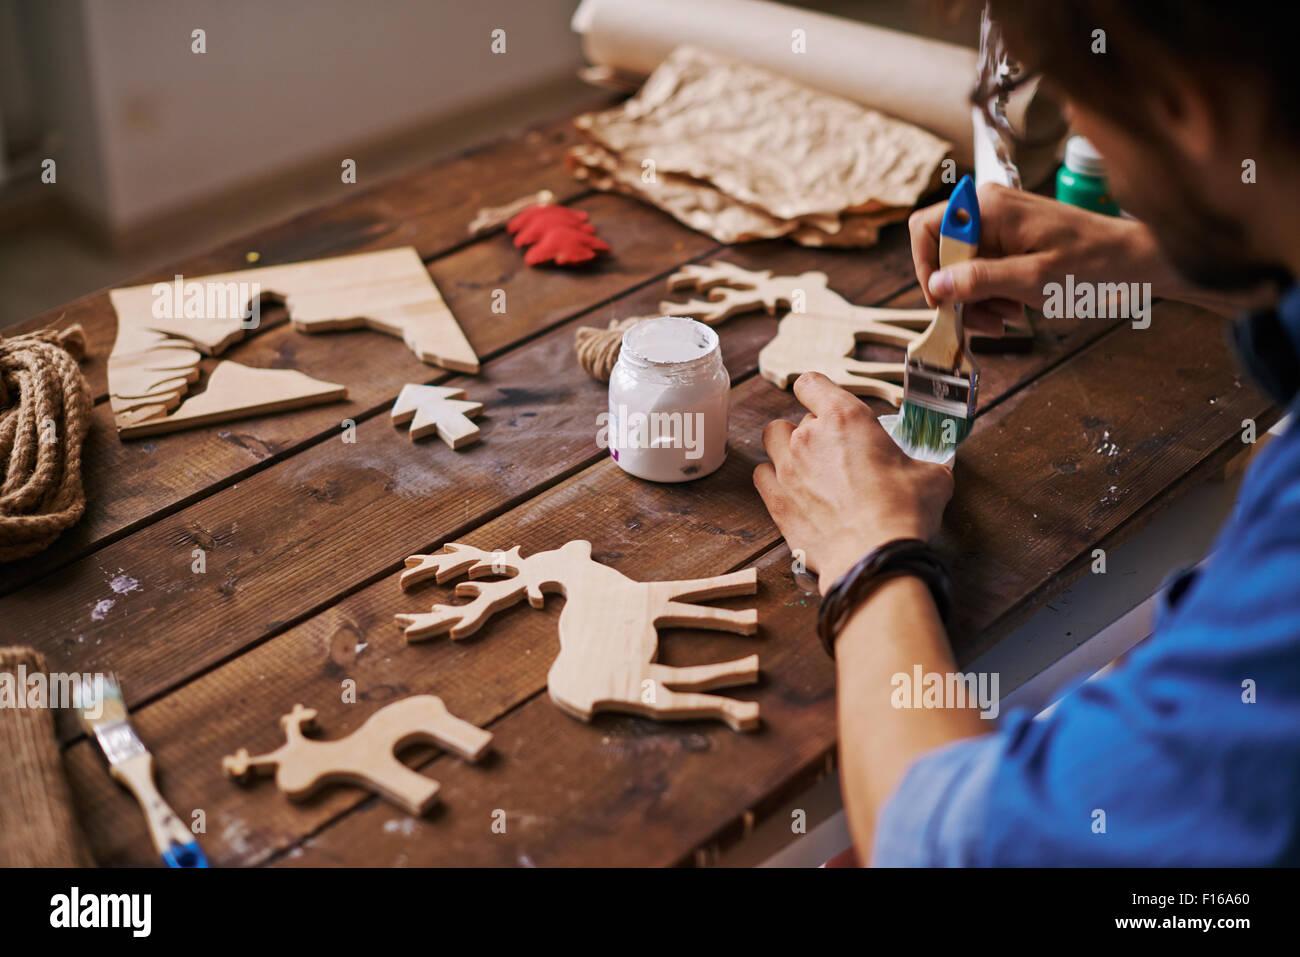 Joven artesano con pintura pincel xmas ciervo con gouache blanco Imagen De Stock